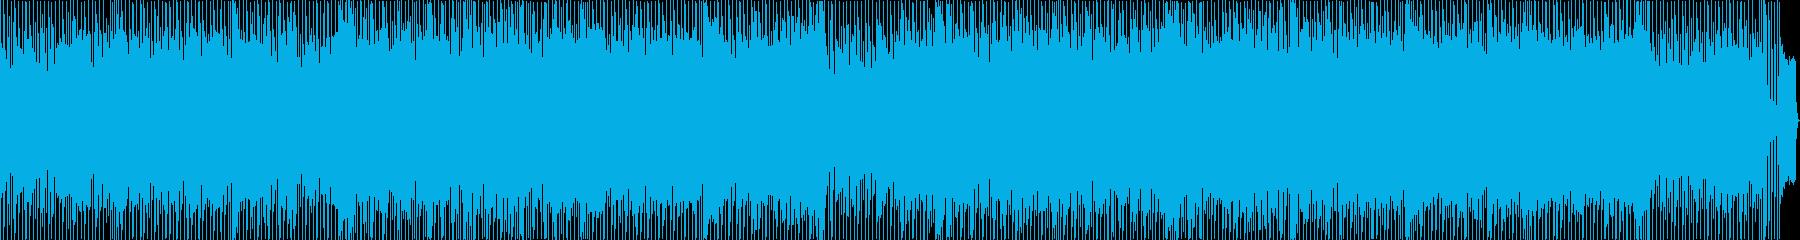 フュージョンにハウスのリズムを付けた曲の再生済みの波形